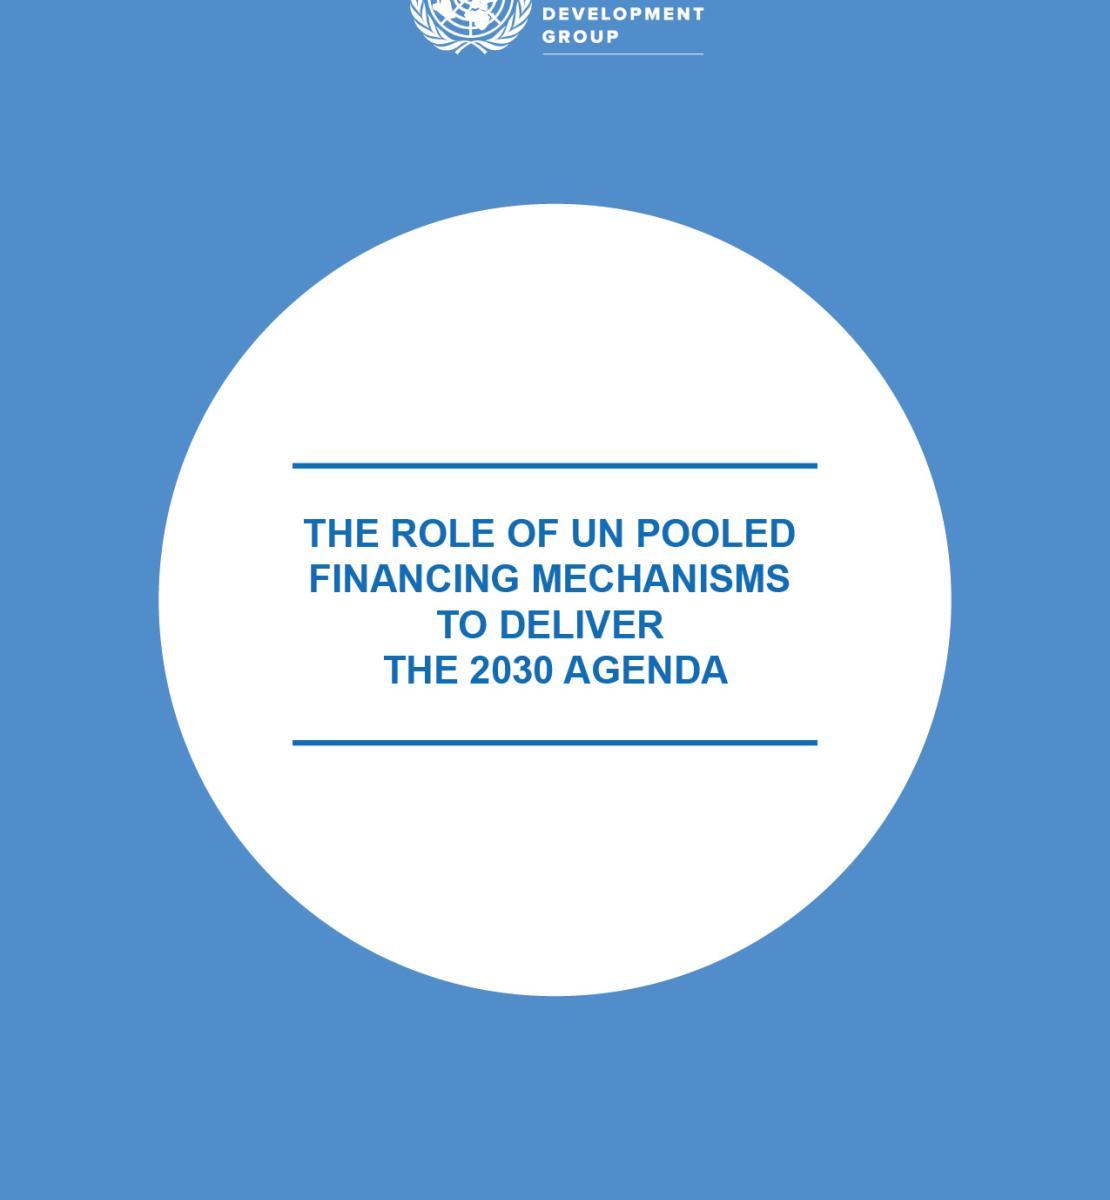 Роль механизмов совместного финансирования в достижении Повестки 2030